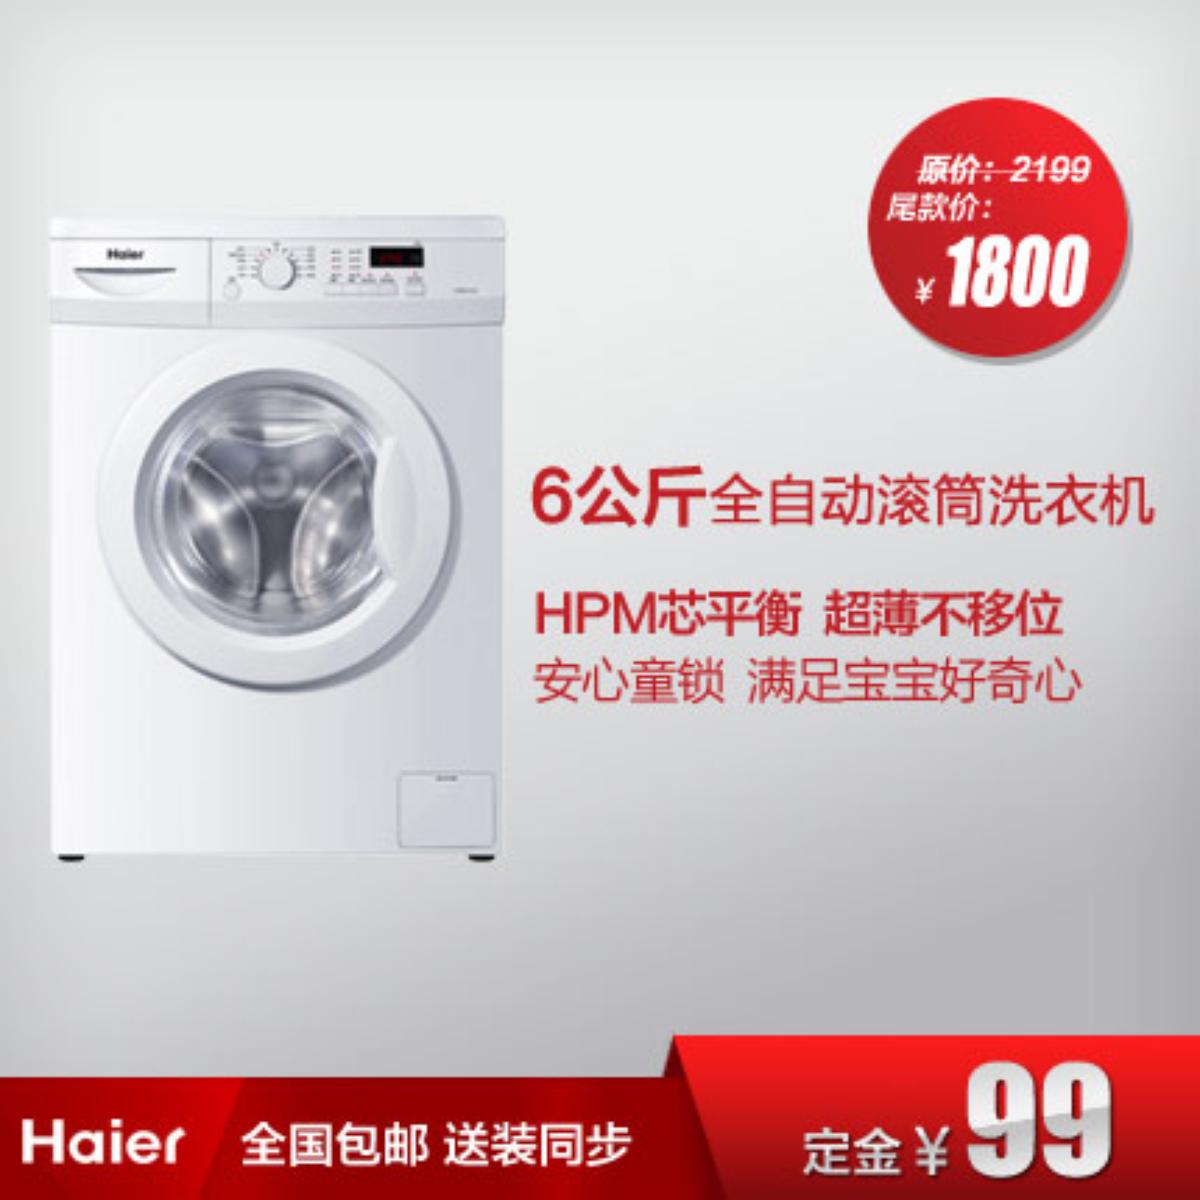 海尔滚筒洗衣机 xqg60-1000jhot